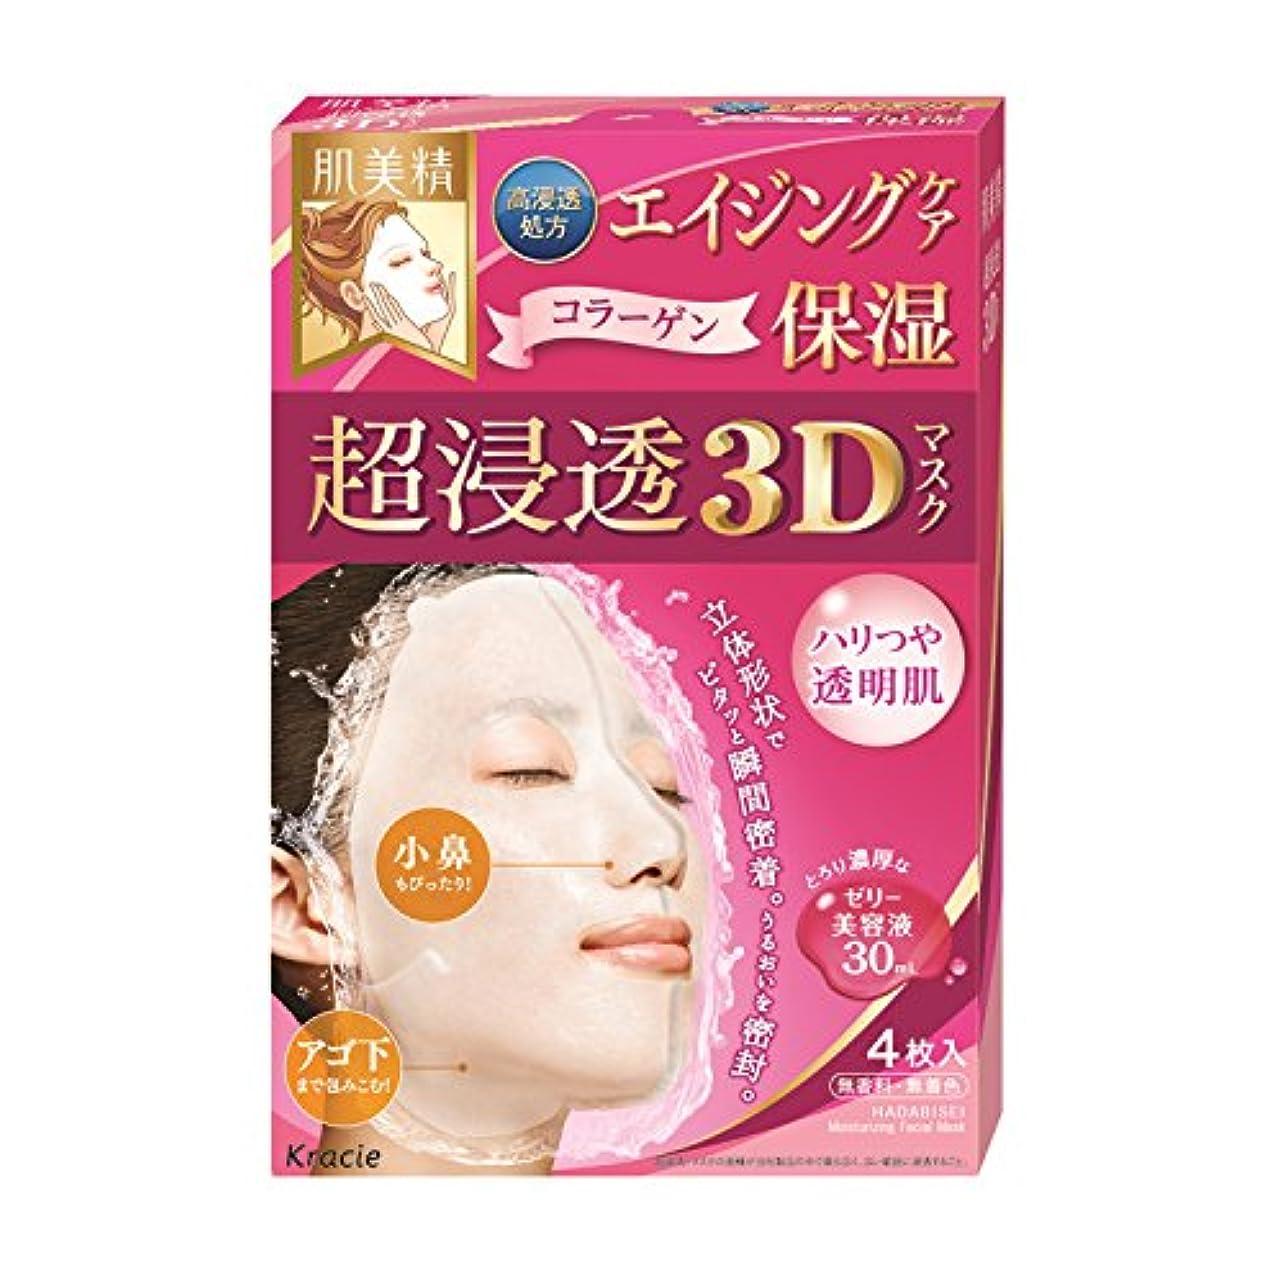 詩人ゾーン魅惑的な肌美精 超浸透3Dマスク (エイジング保湿) 4枚